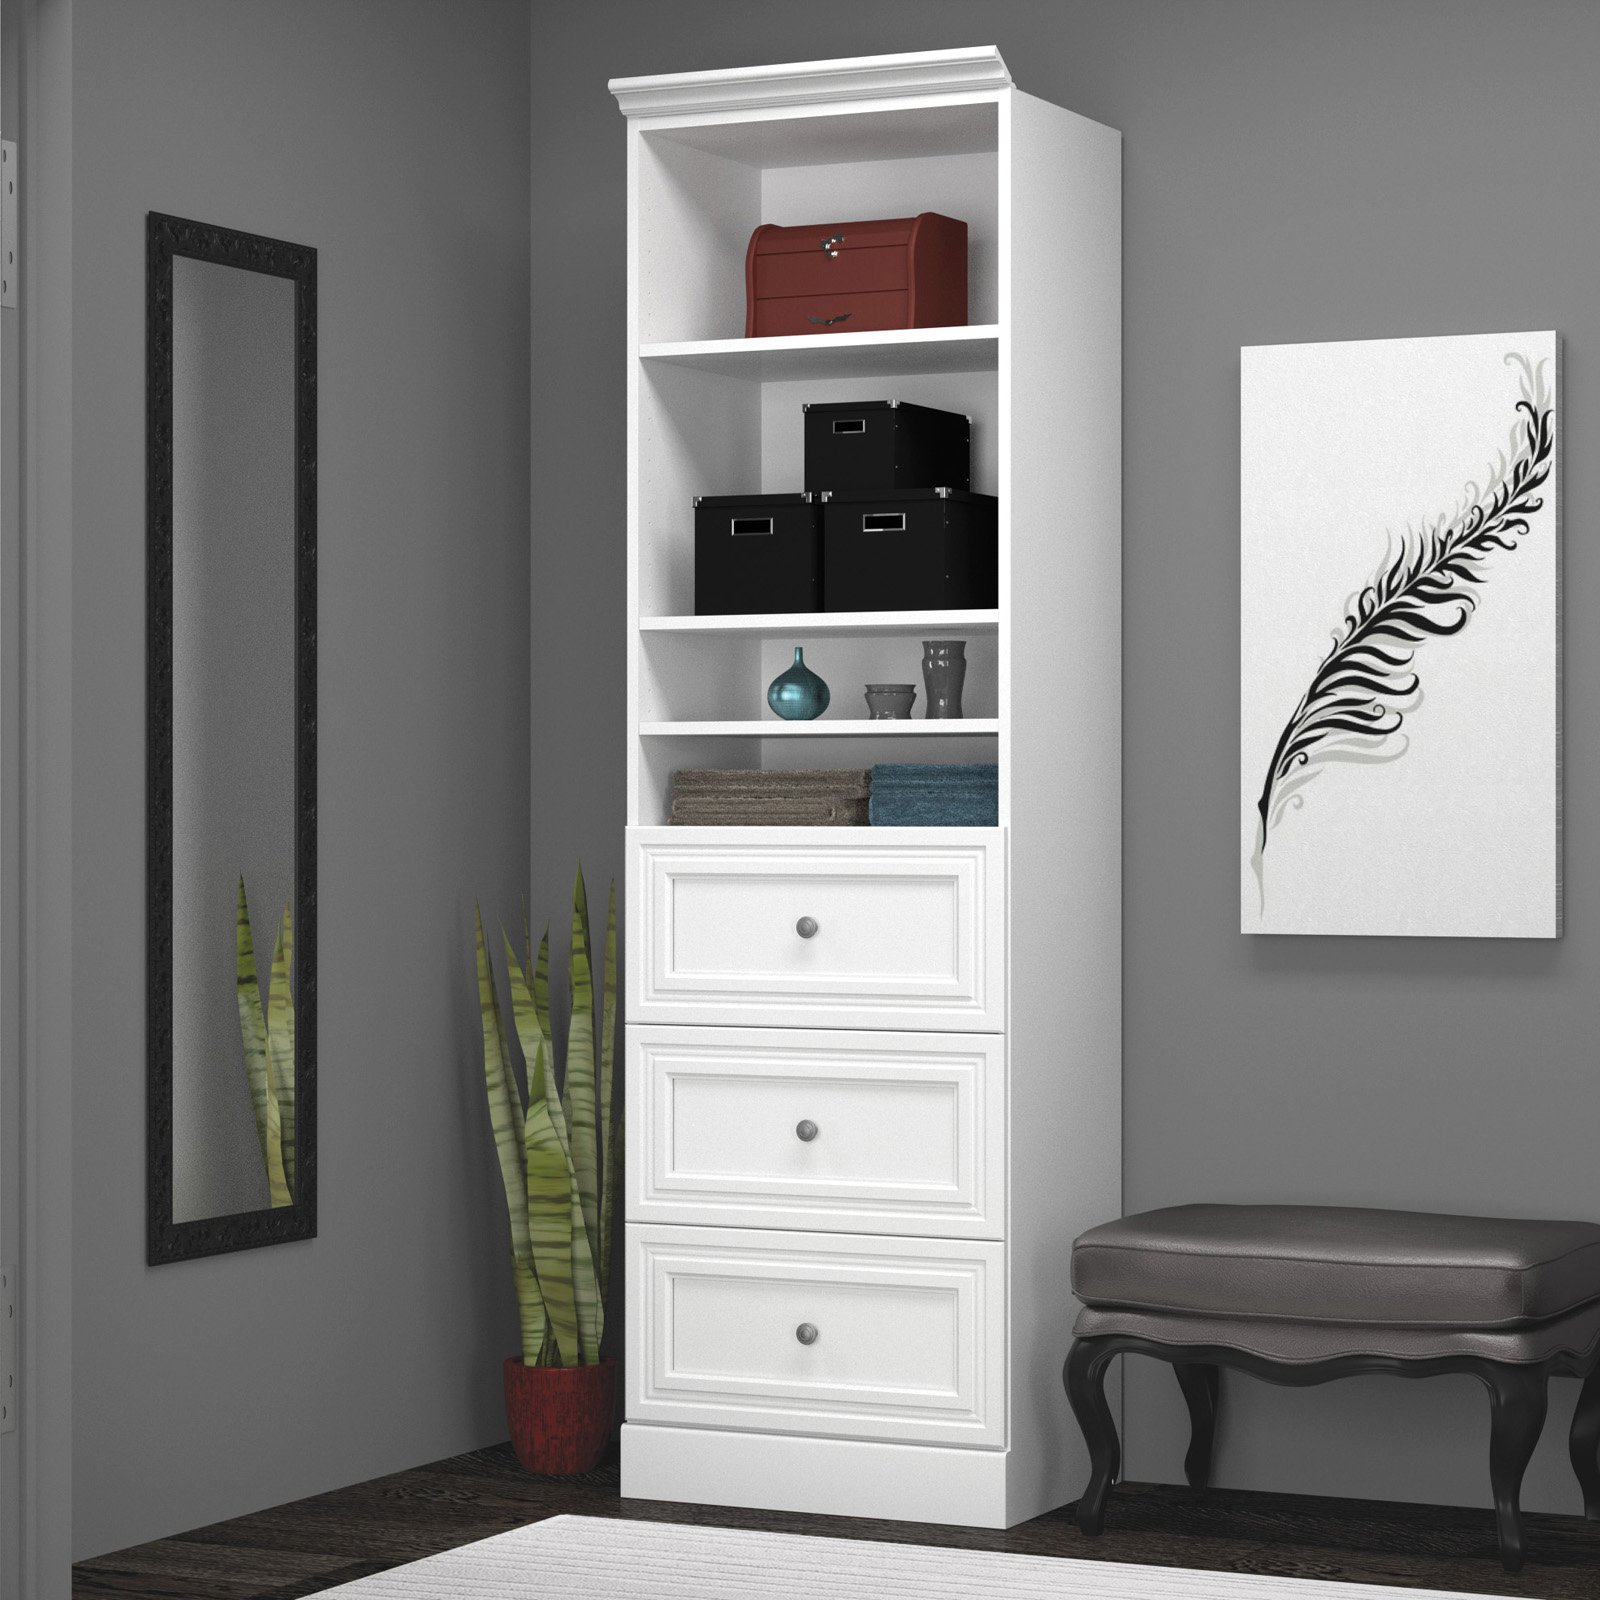 Versatile by Bestar 25'' Storage Unit with 3-Drawer set Unit in White